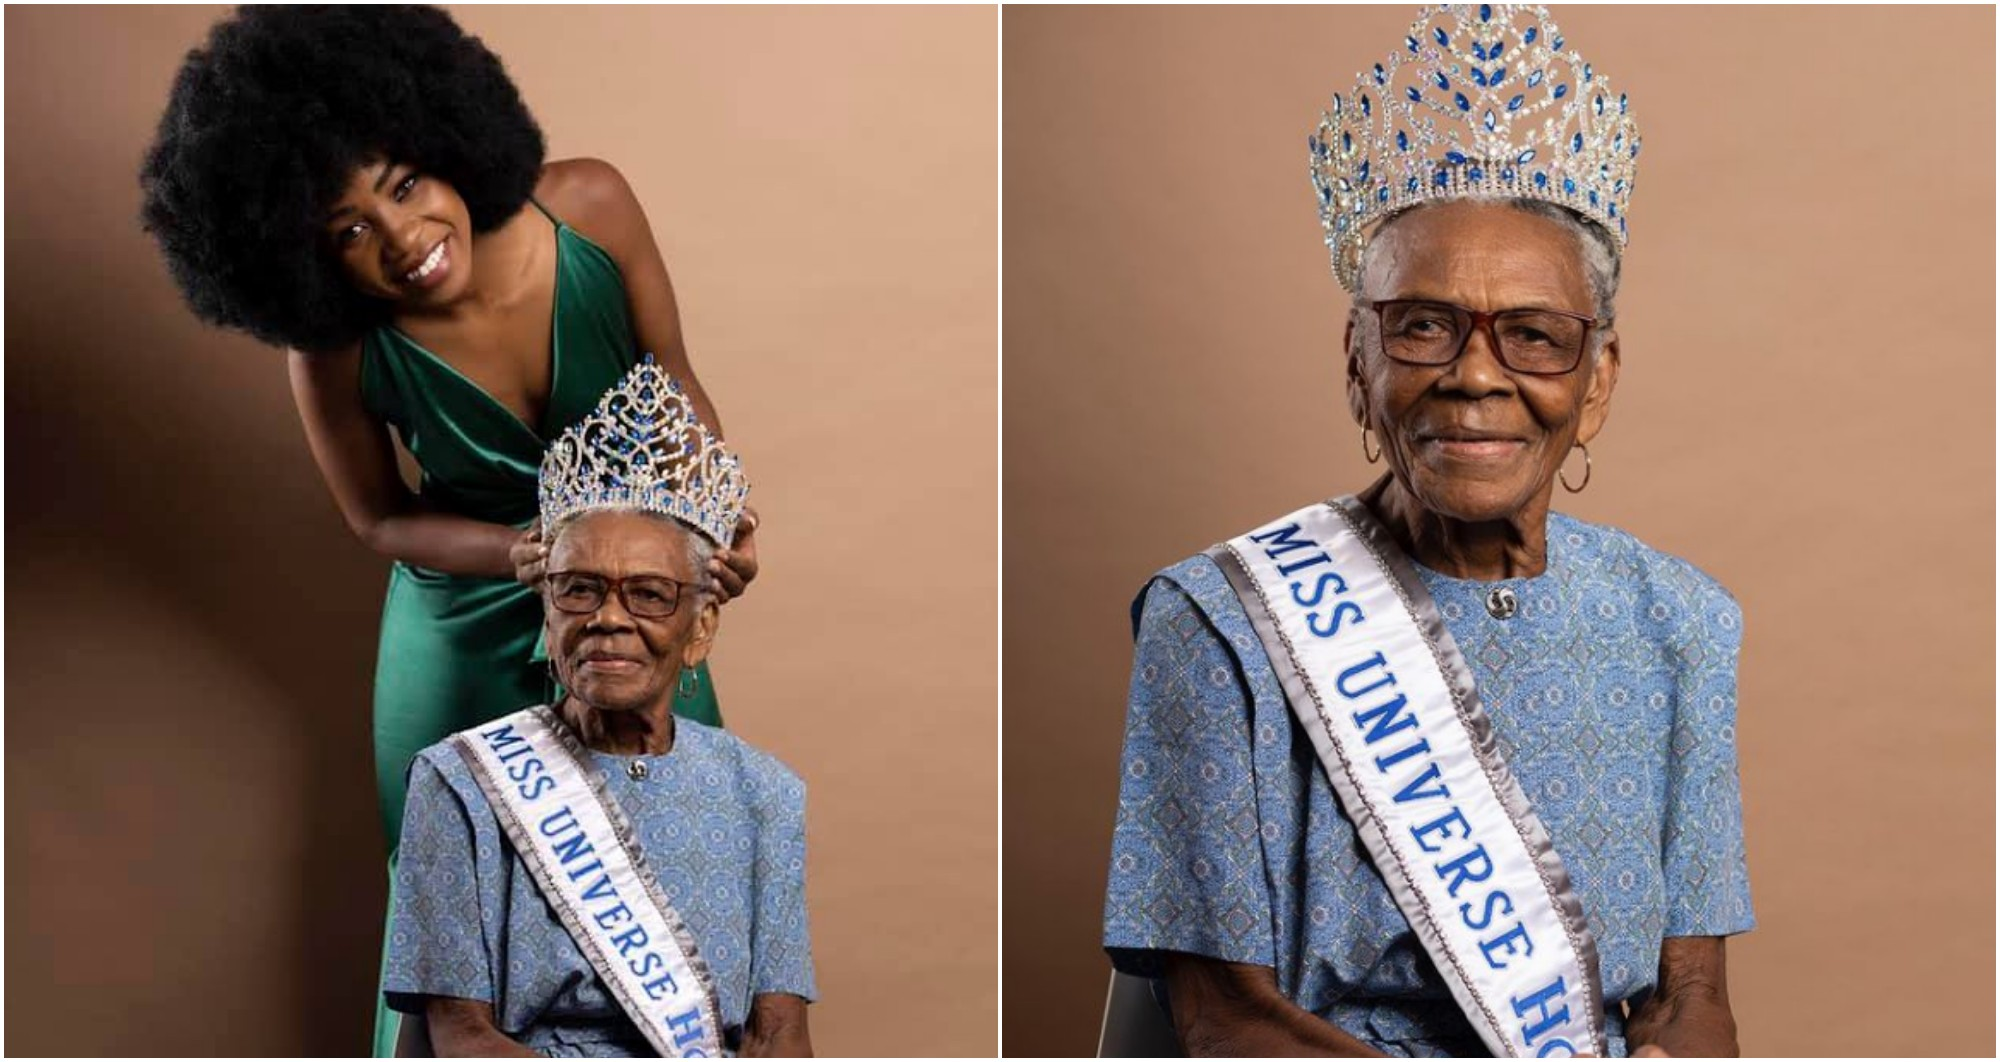 Rose Meléndez comparte unas fotografías con su abuelita